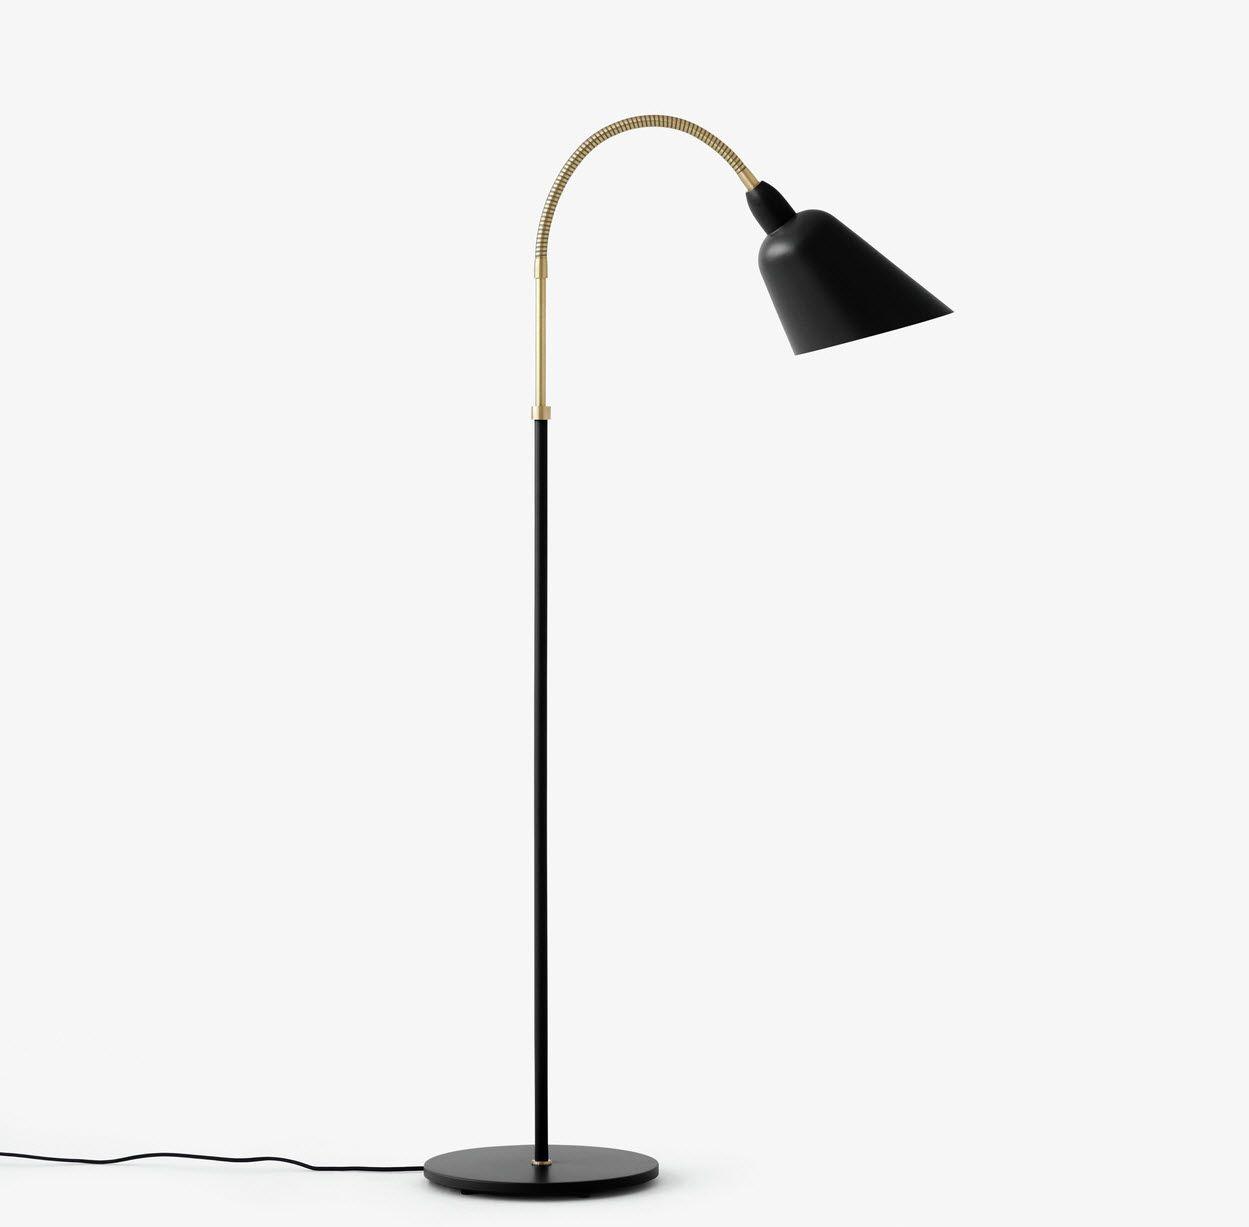 Bellevue Gulv lampe - modell AJ7 - designet av Arne Jacobsen i 1929 ...